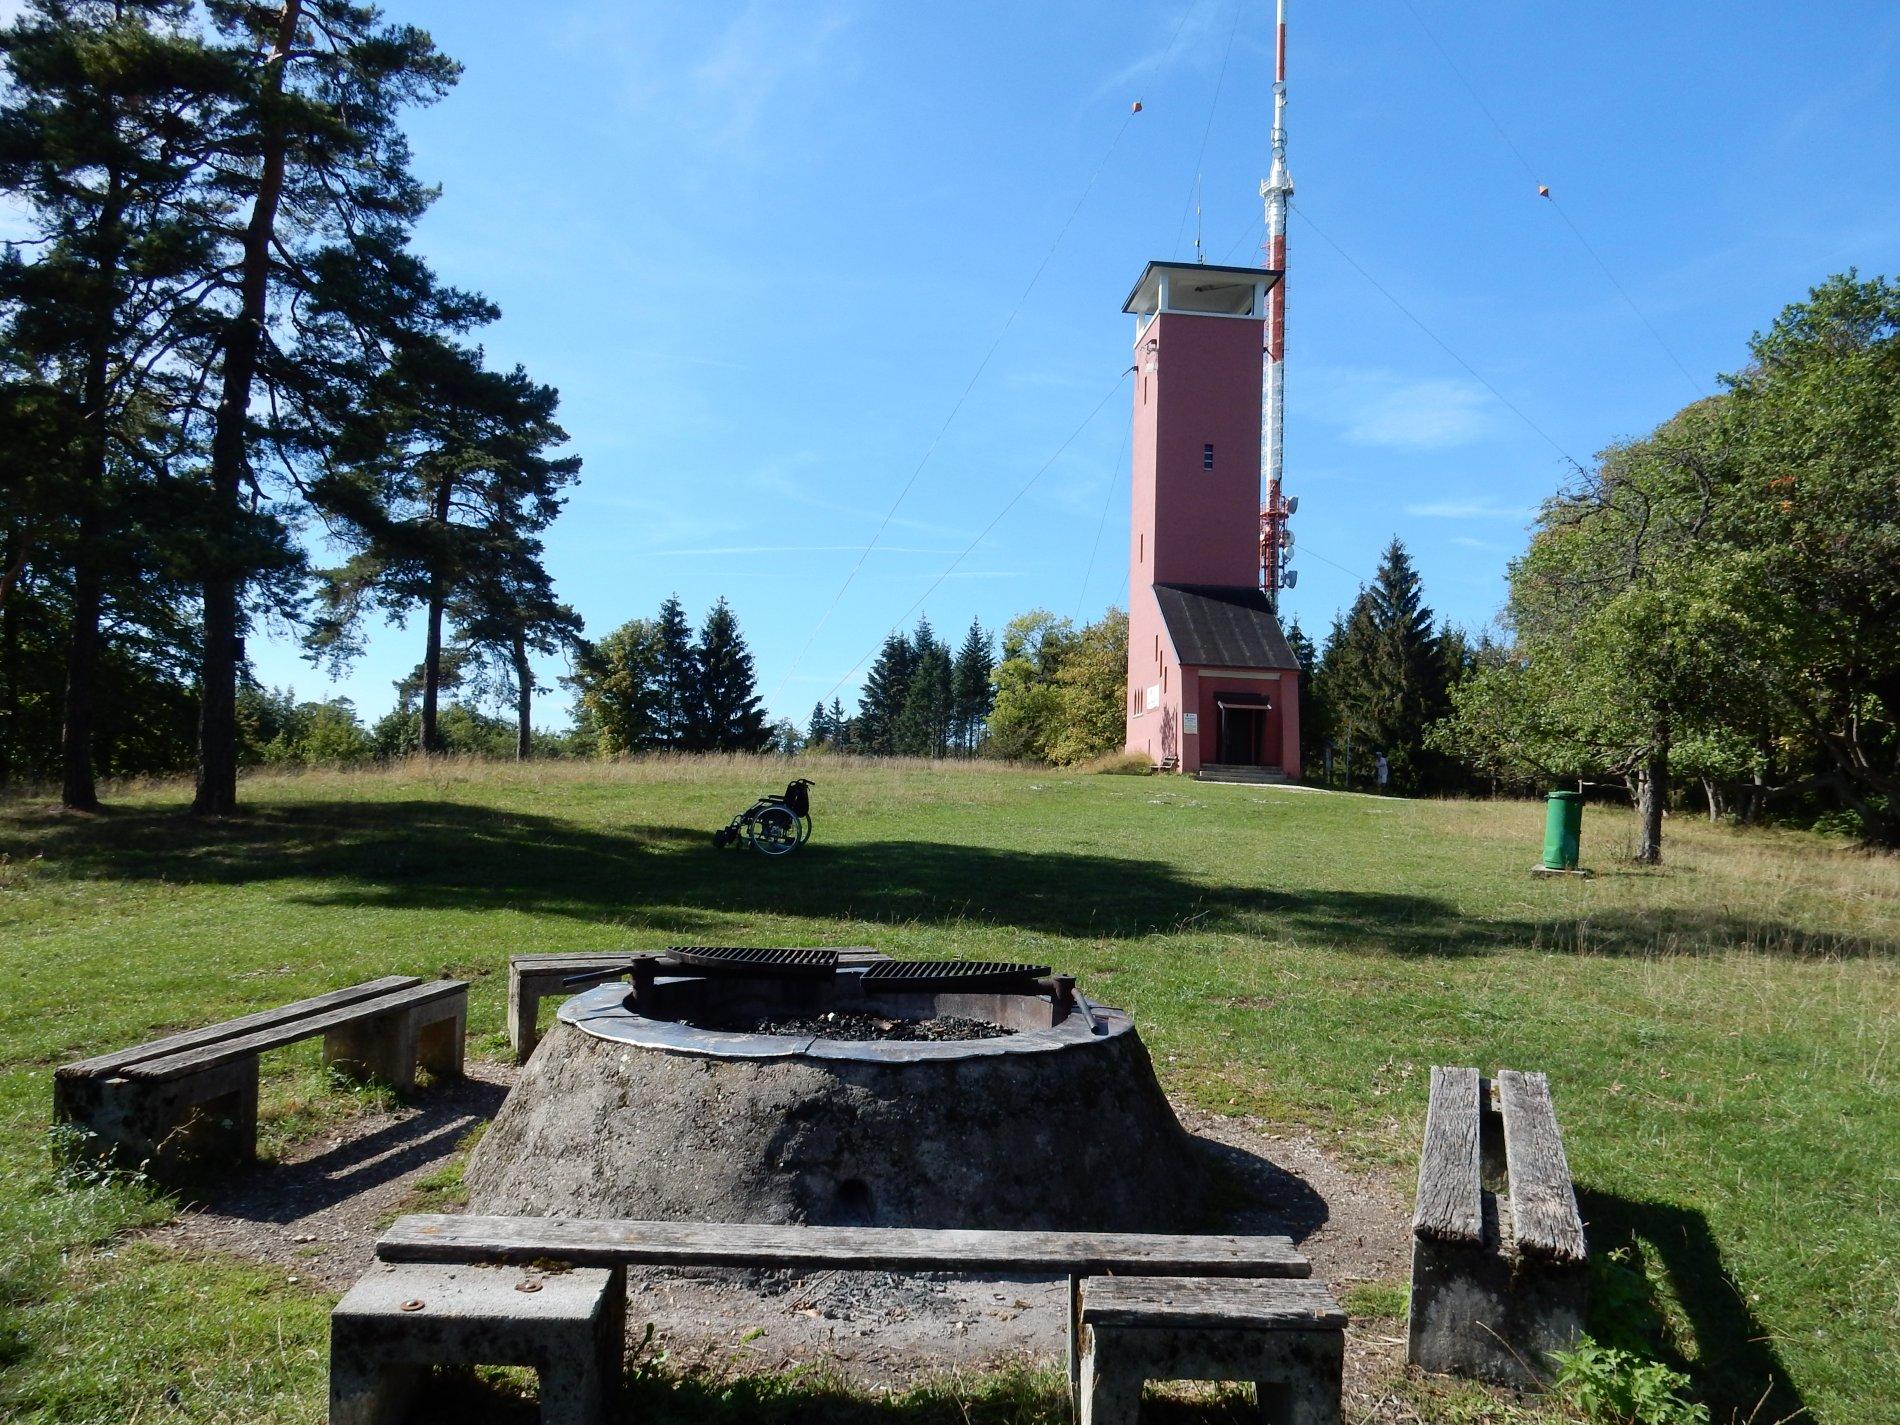 Grillplatz am Nägelehaus auf dem Raichberg in Albstadt-Onstmettingen